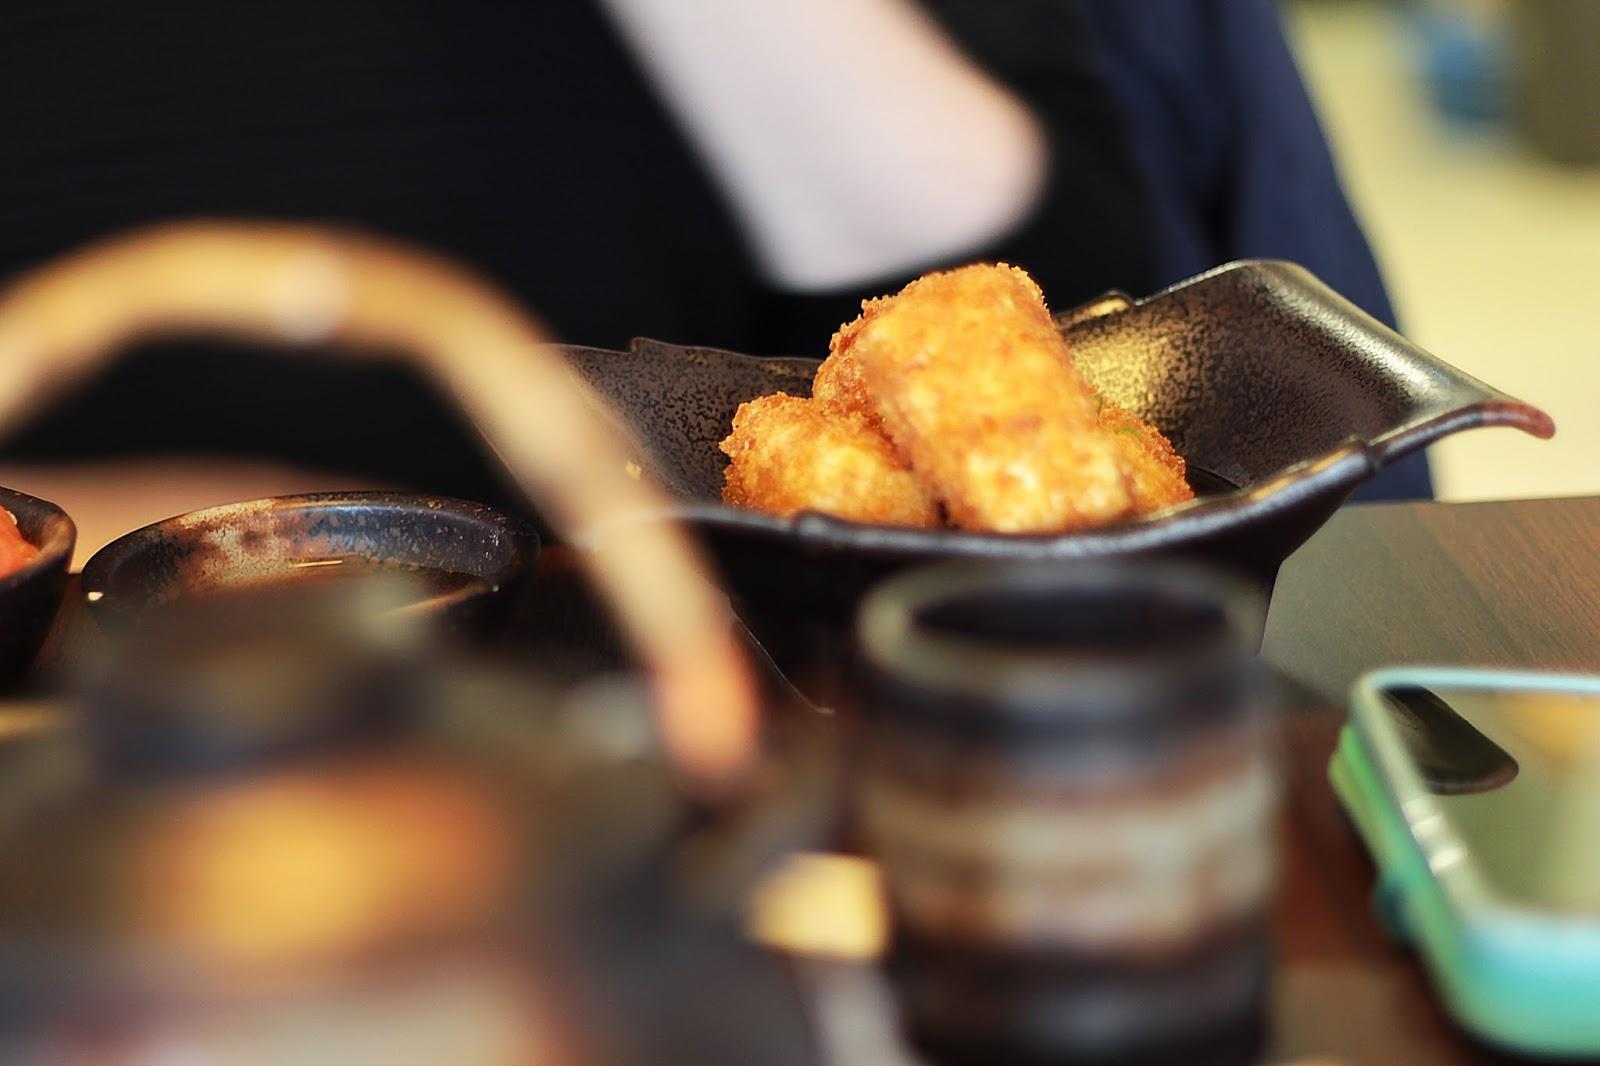 sushi express sheffield review fried tofu